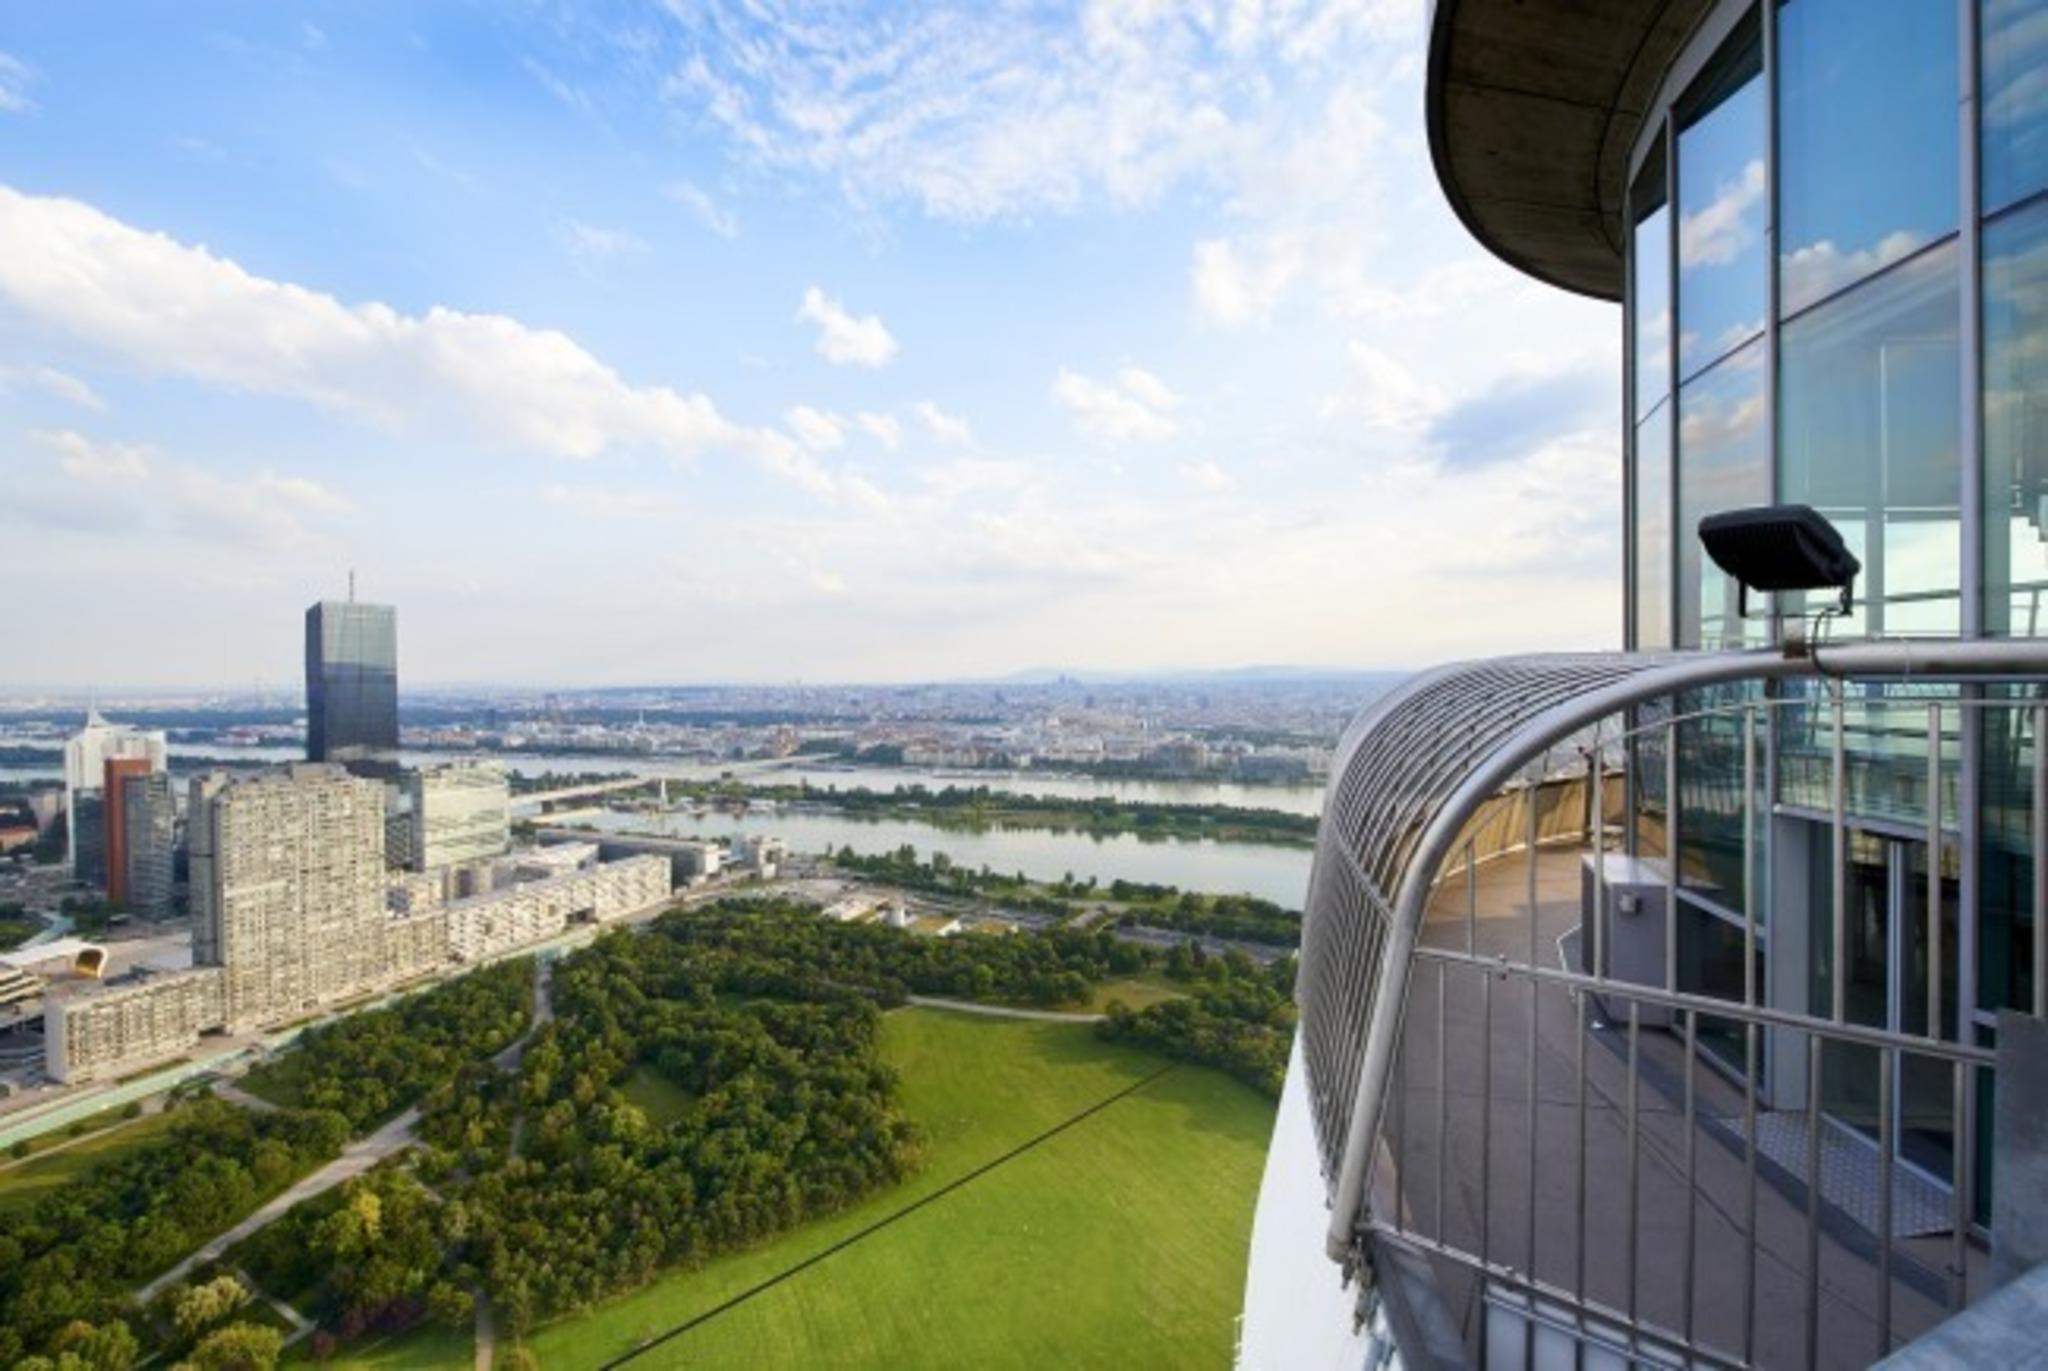 Donauturm Neues Design Und Digitale Spielereien Floridsdorf